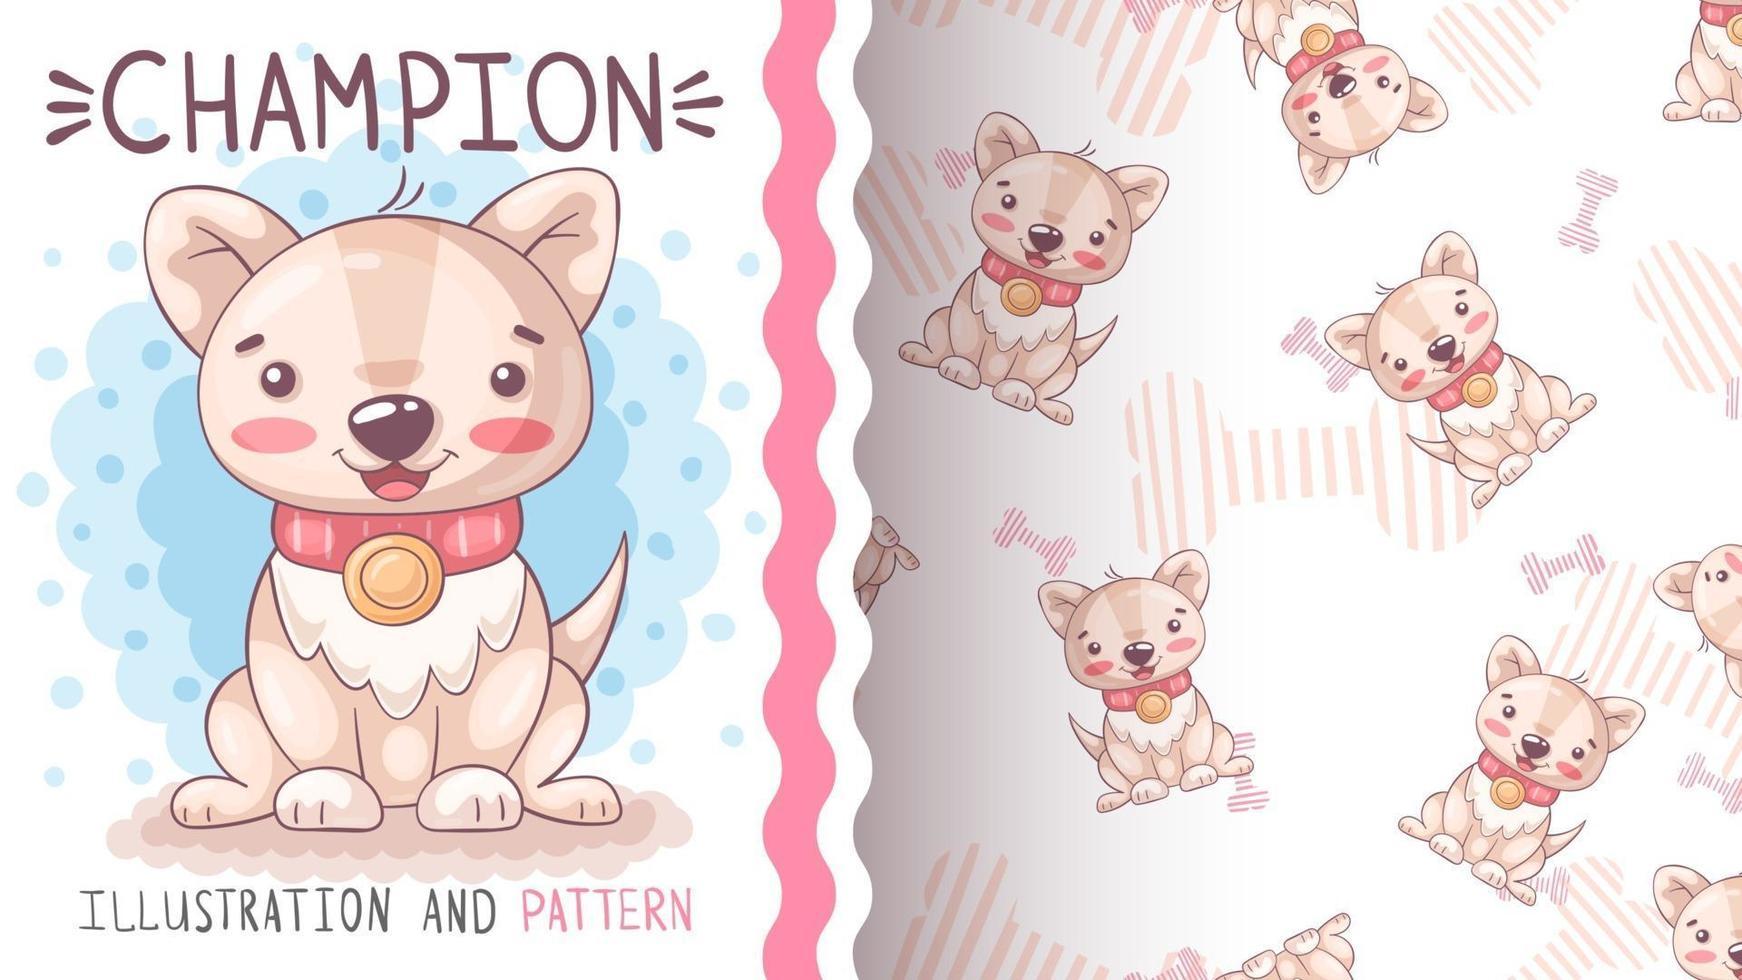 Perro de personaje de dibujos animados divertido con corazón - patrón sin costuras vector